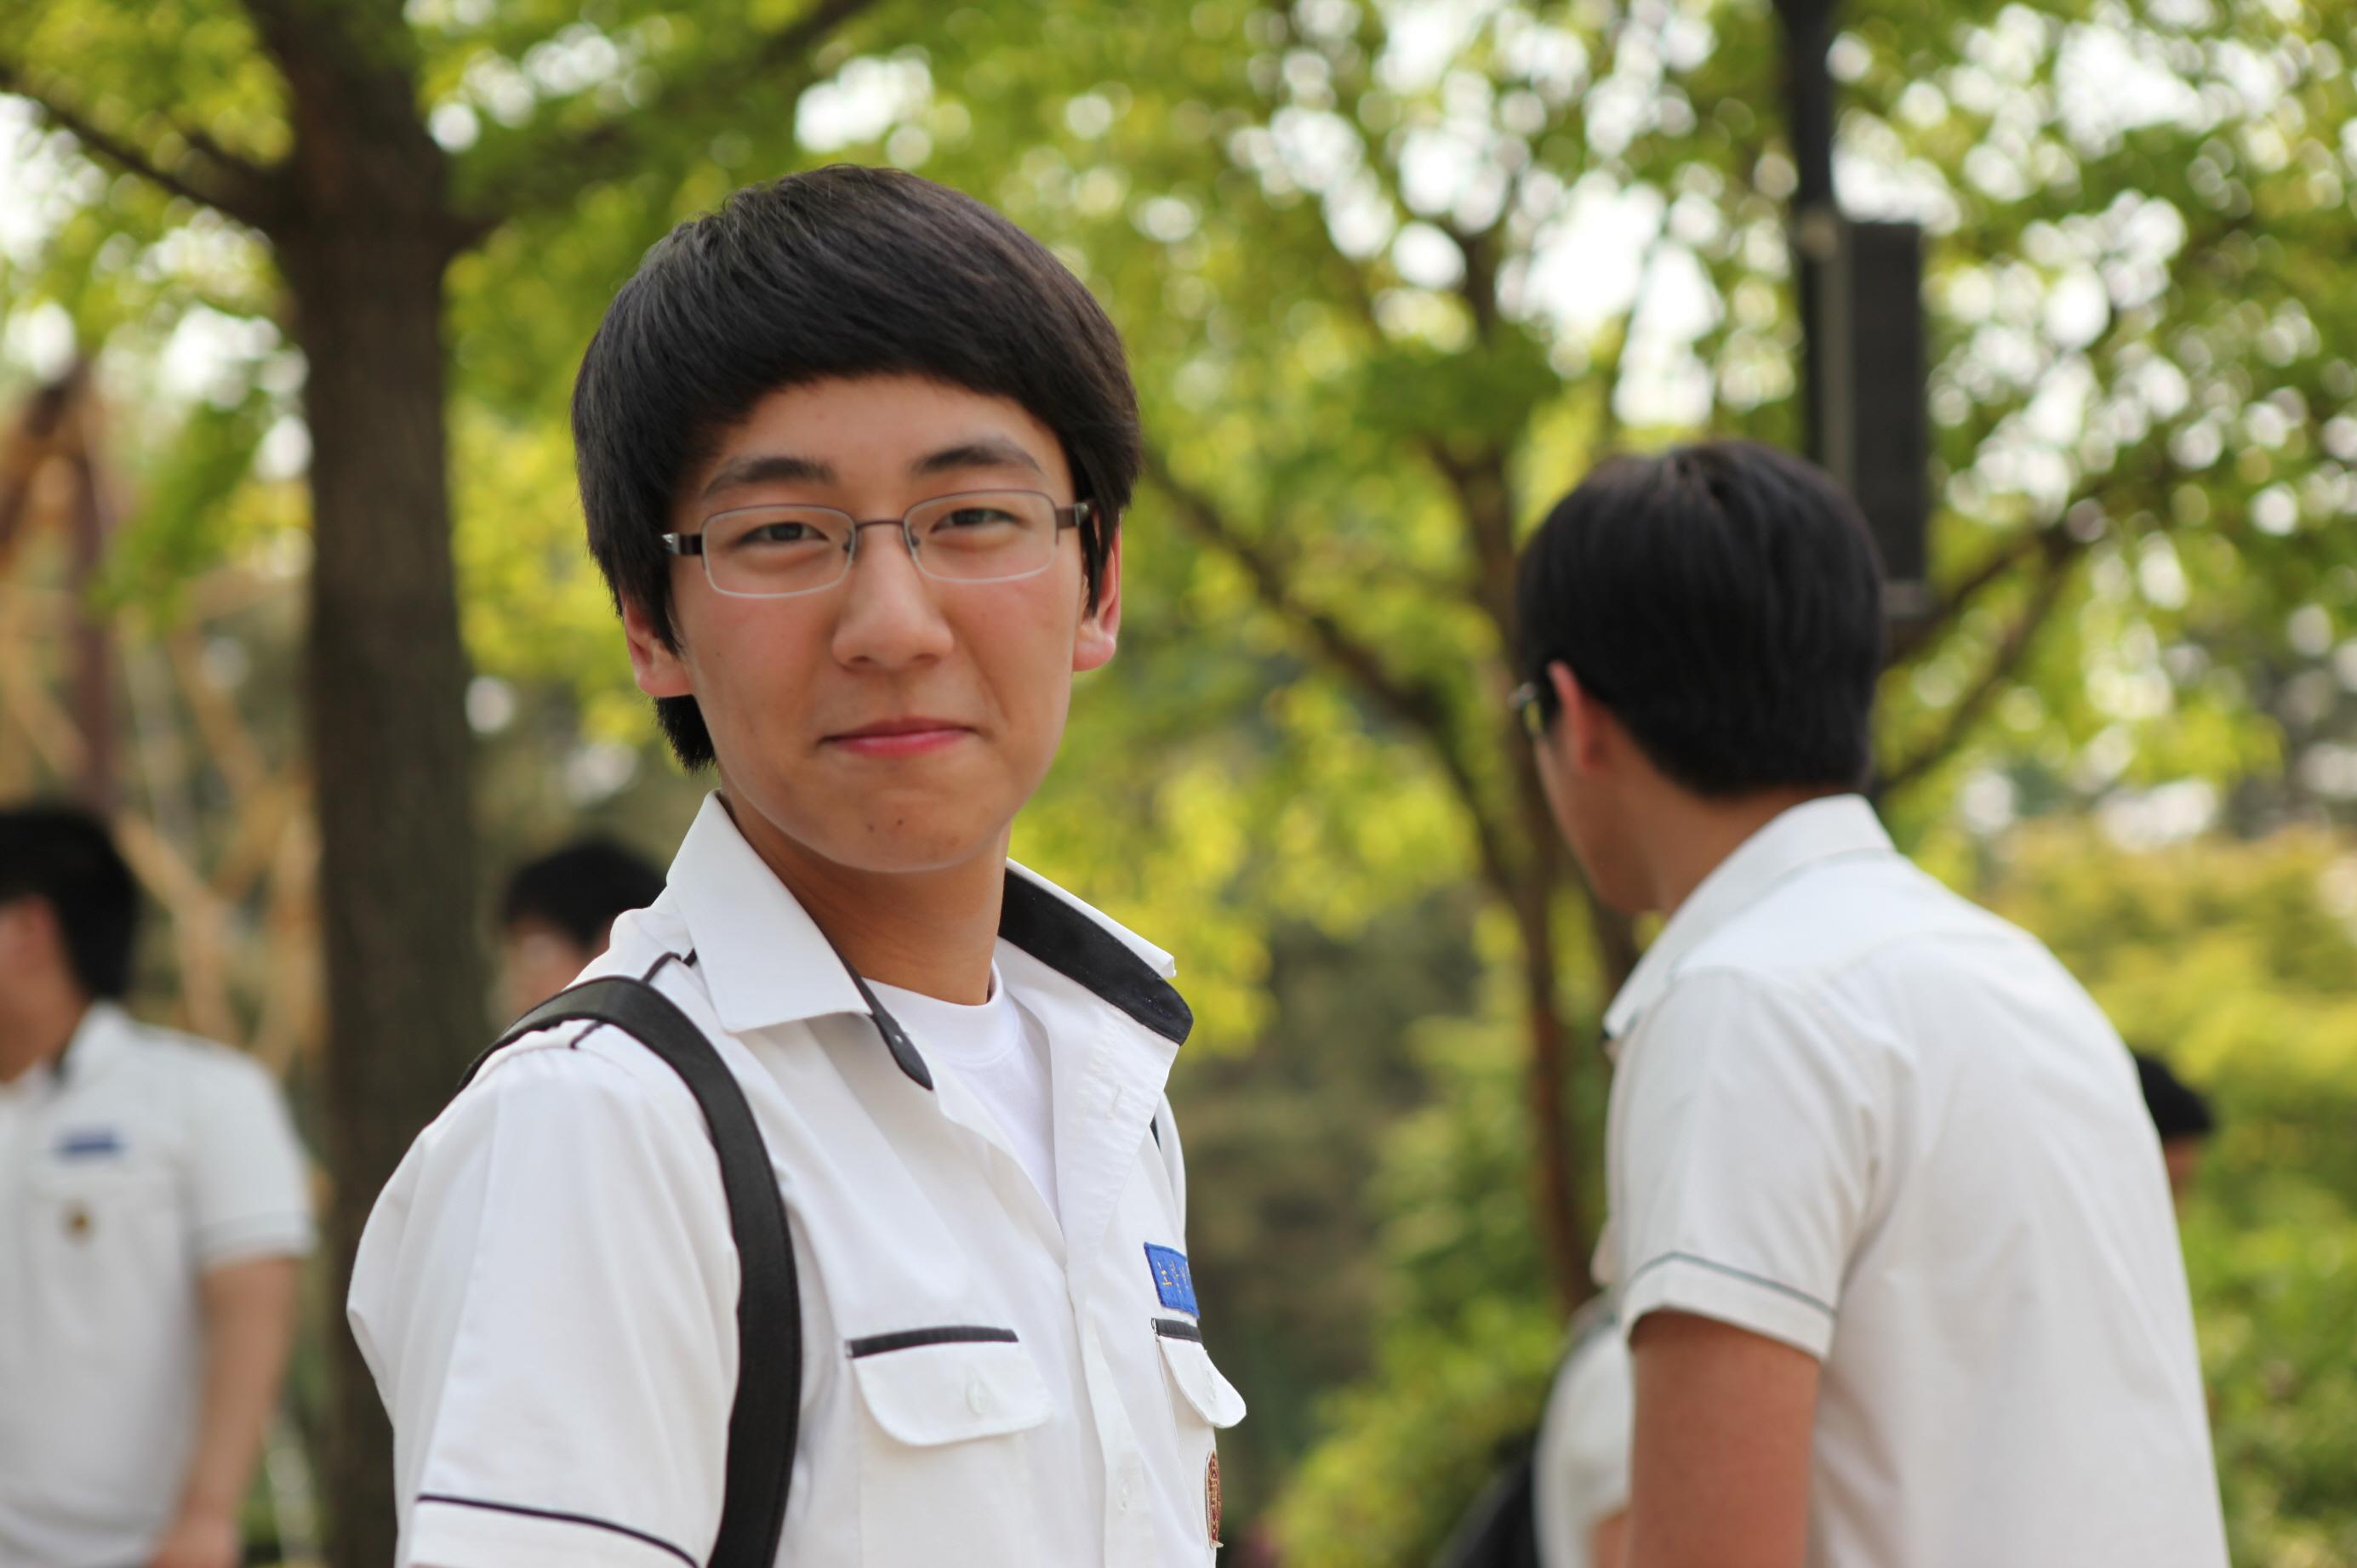 2009/05/08 3학년 졸업앨범촬영 - 2 첨부이미지